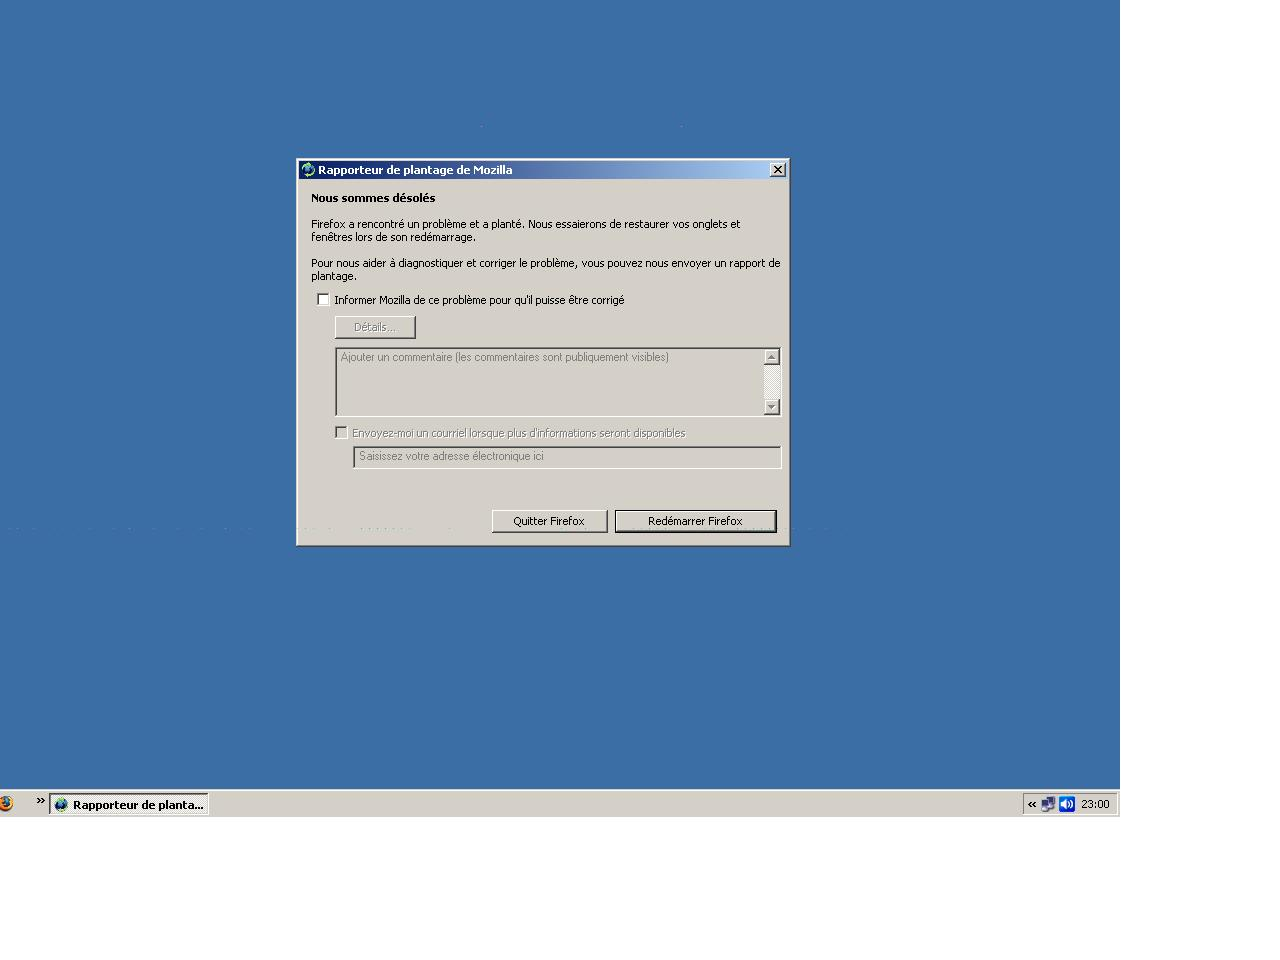 http://nsm01.casimages.com/img/2008/09/15//080915110440350212500572.jpg